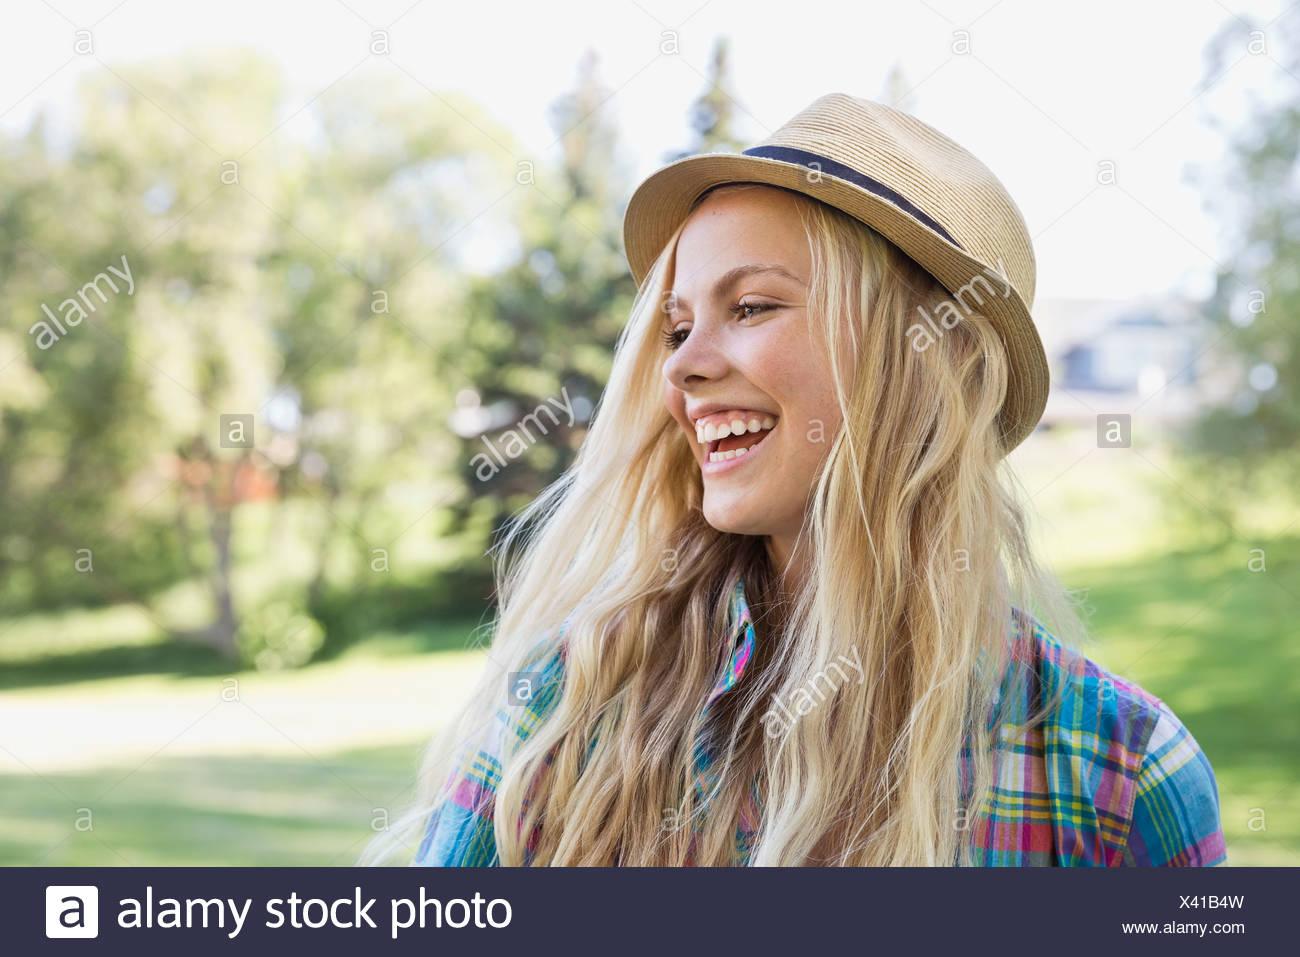 Retrato de adolescente con sombrero Imagen De Stock